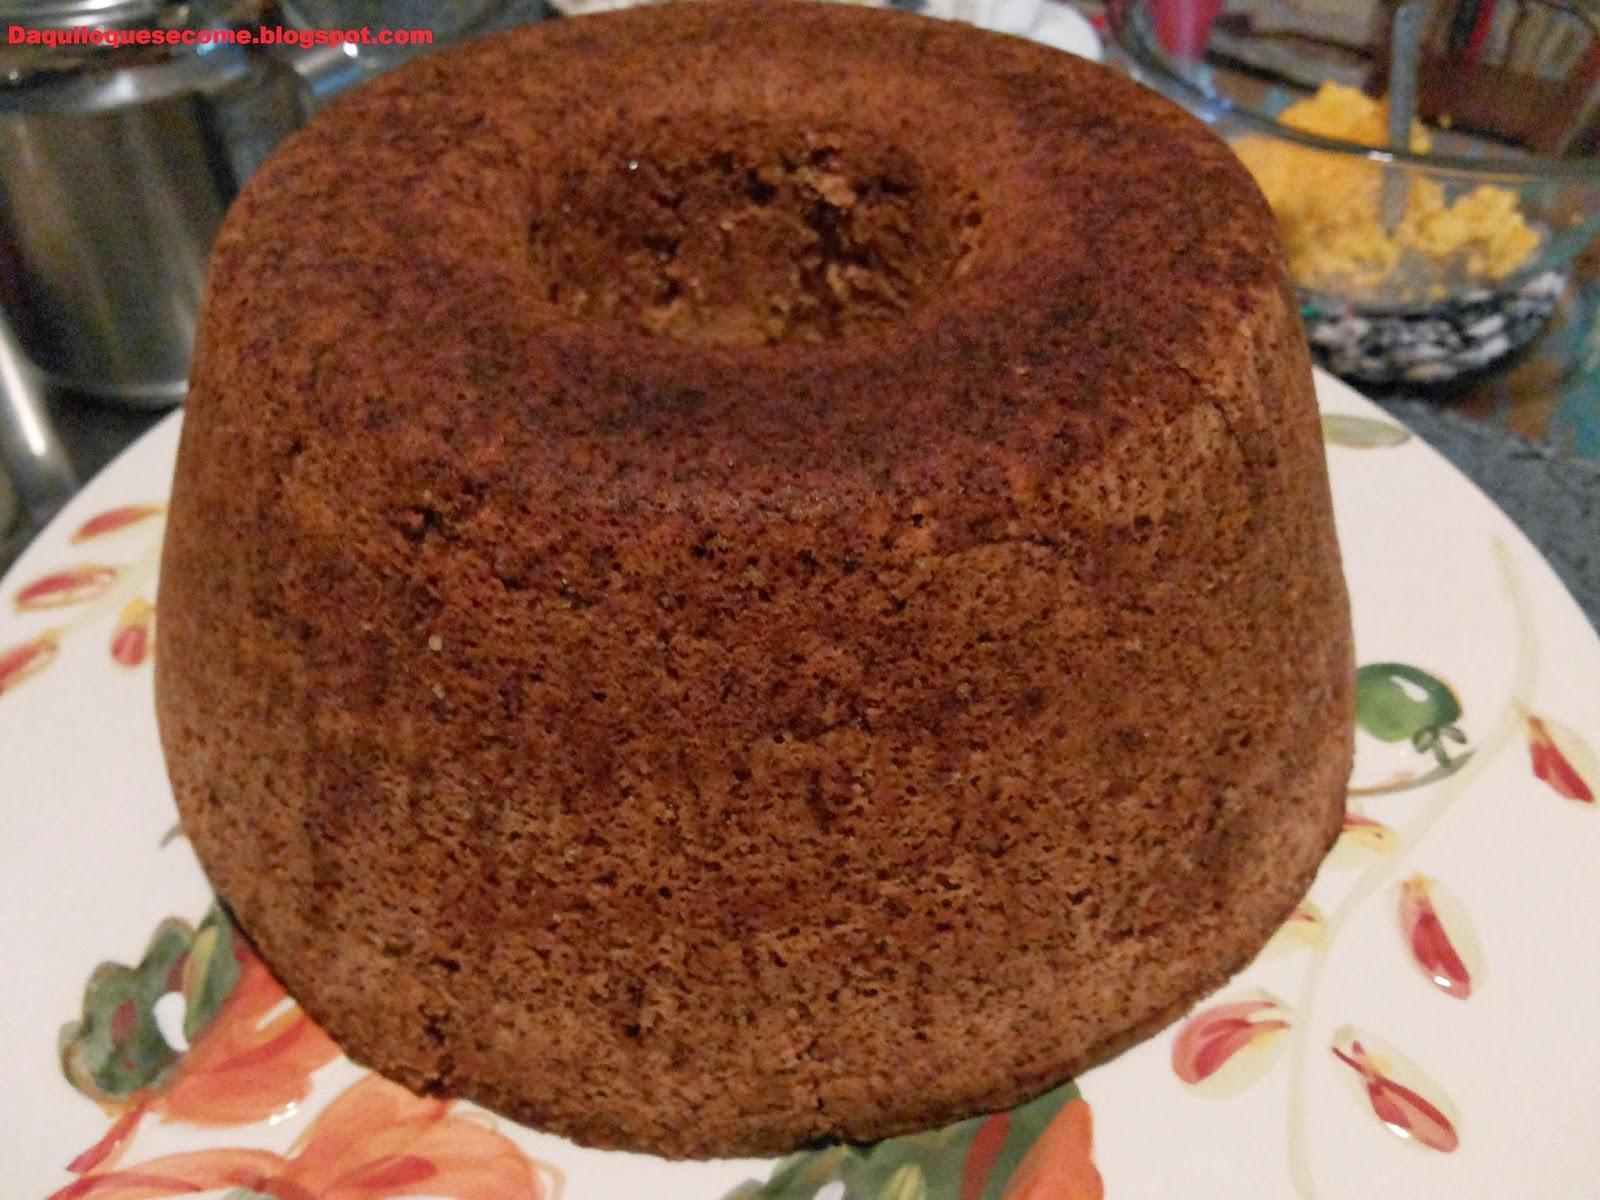 de bolo com 1 kg de farinha de trigo dona benta